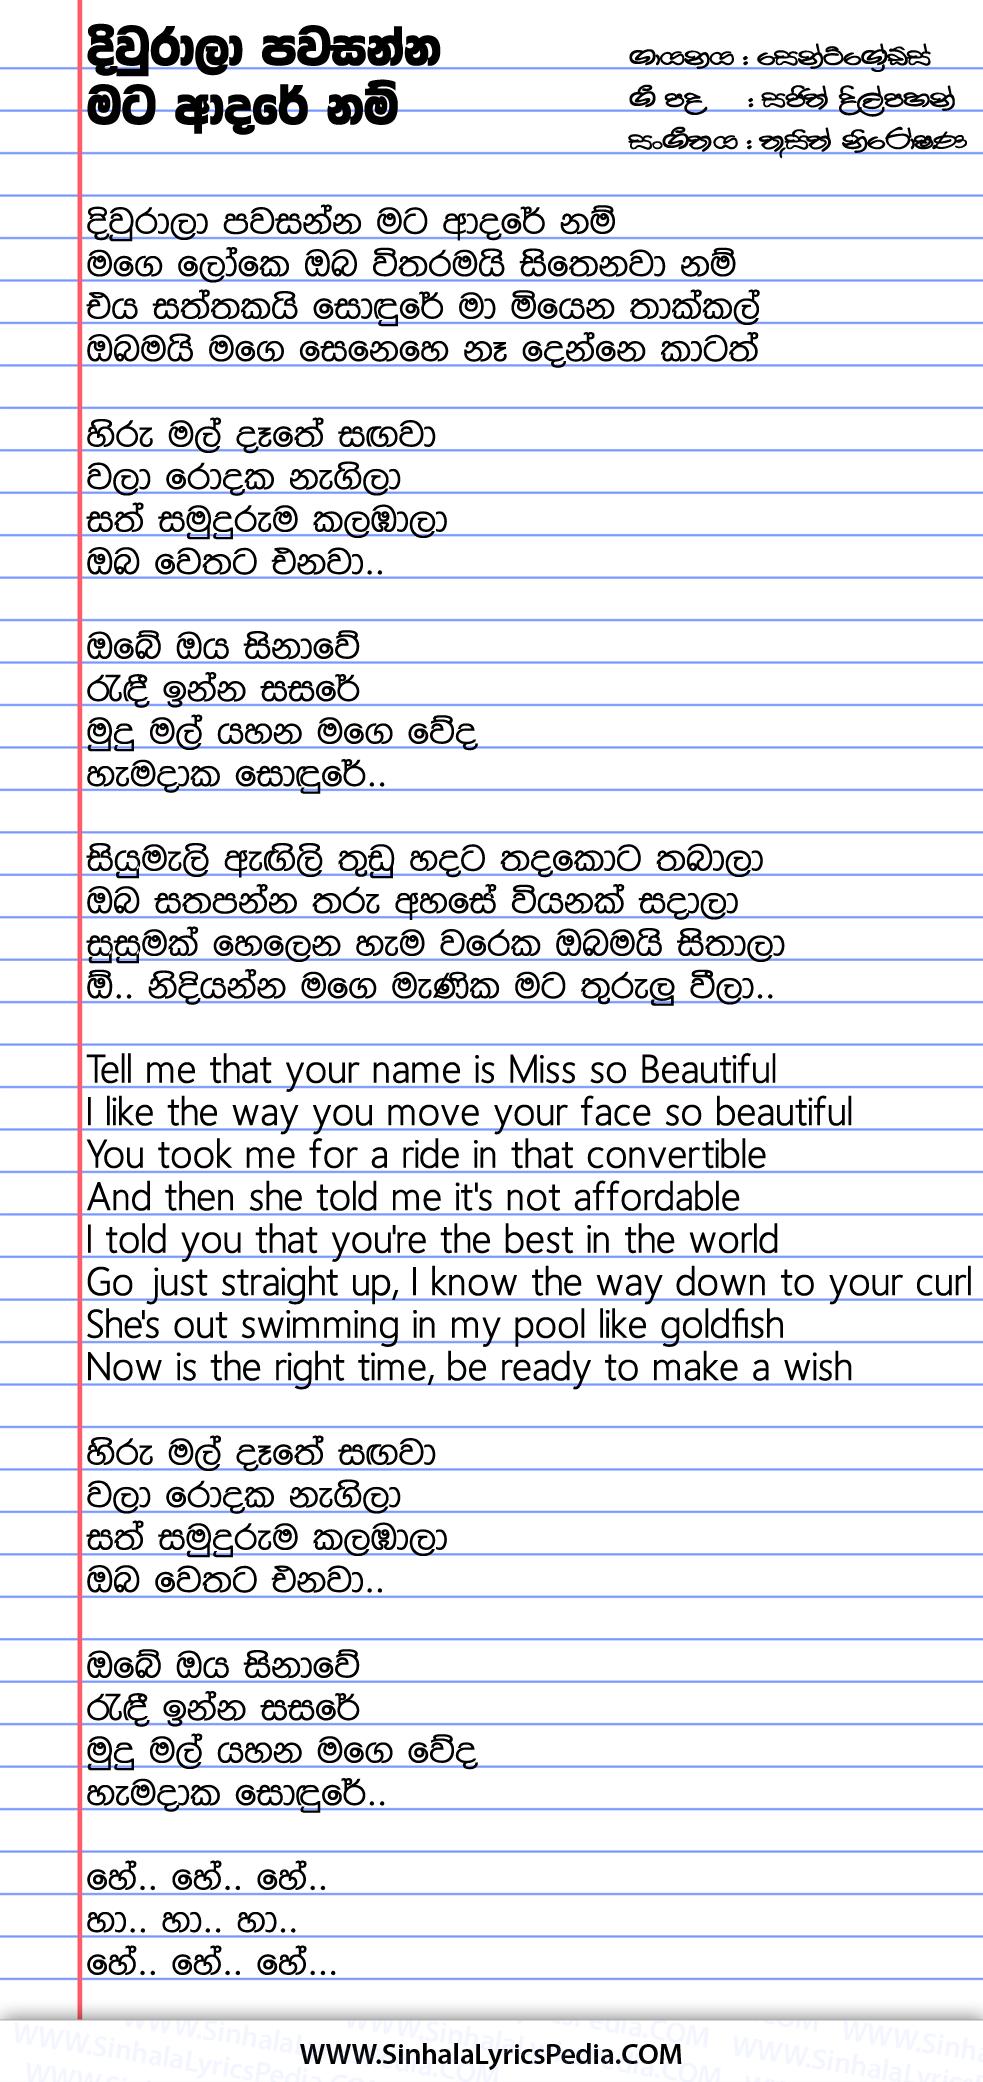 Diurala Pawasanna Mata Adare Nam Song Lyrics